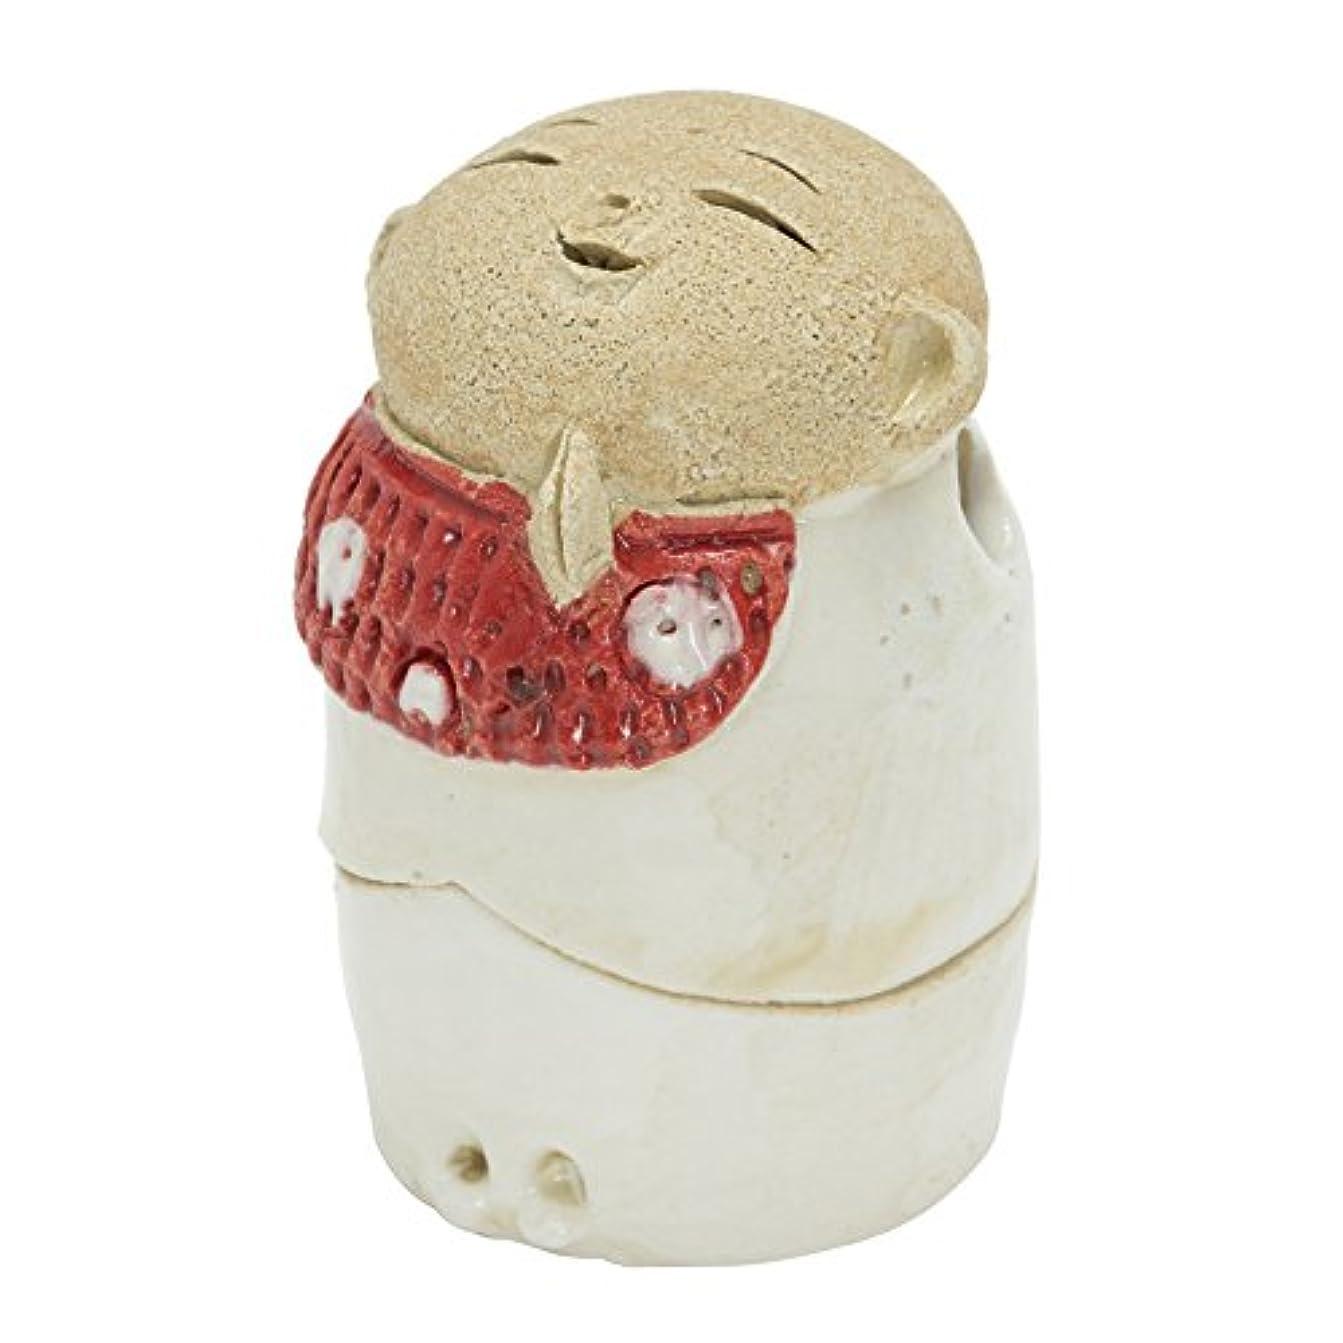 お地蔵様 香炉シリーズ 前掛 お地蔵様 香炉 2.2寸(わらべ) [H6.5cm] HANDMADE プレゼント ギフト 和食器 かわいい インテリア